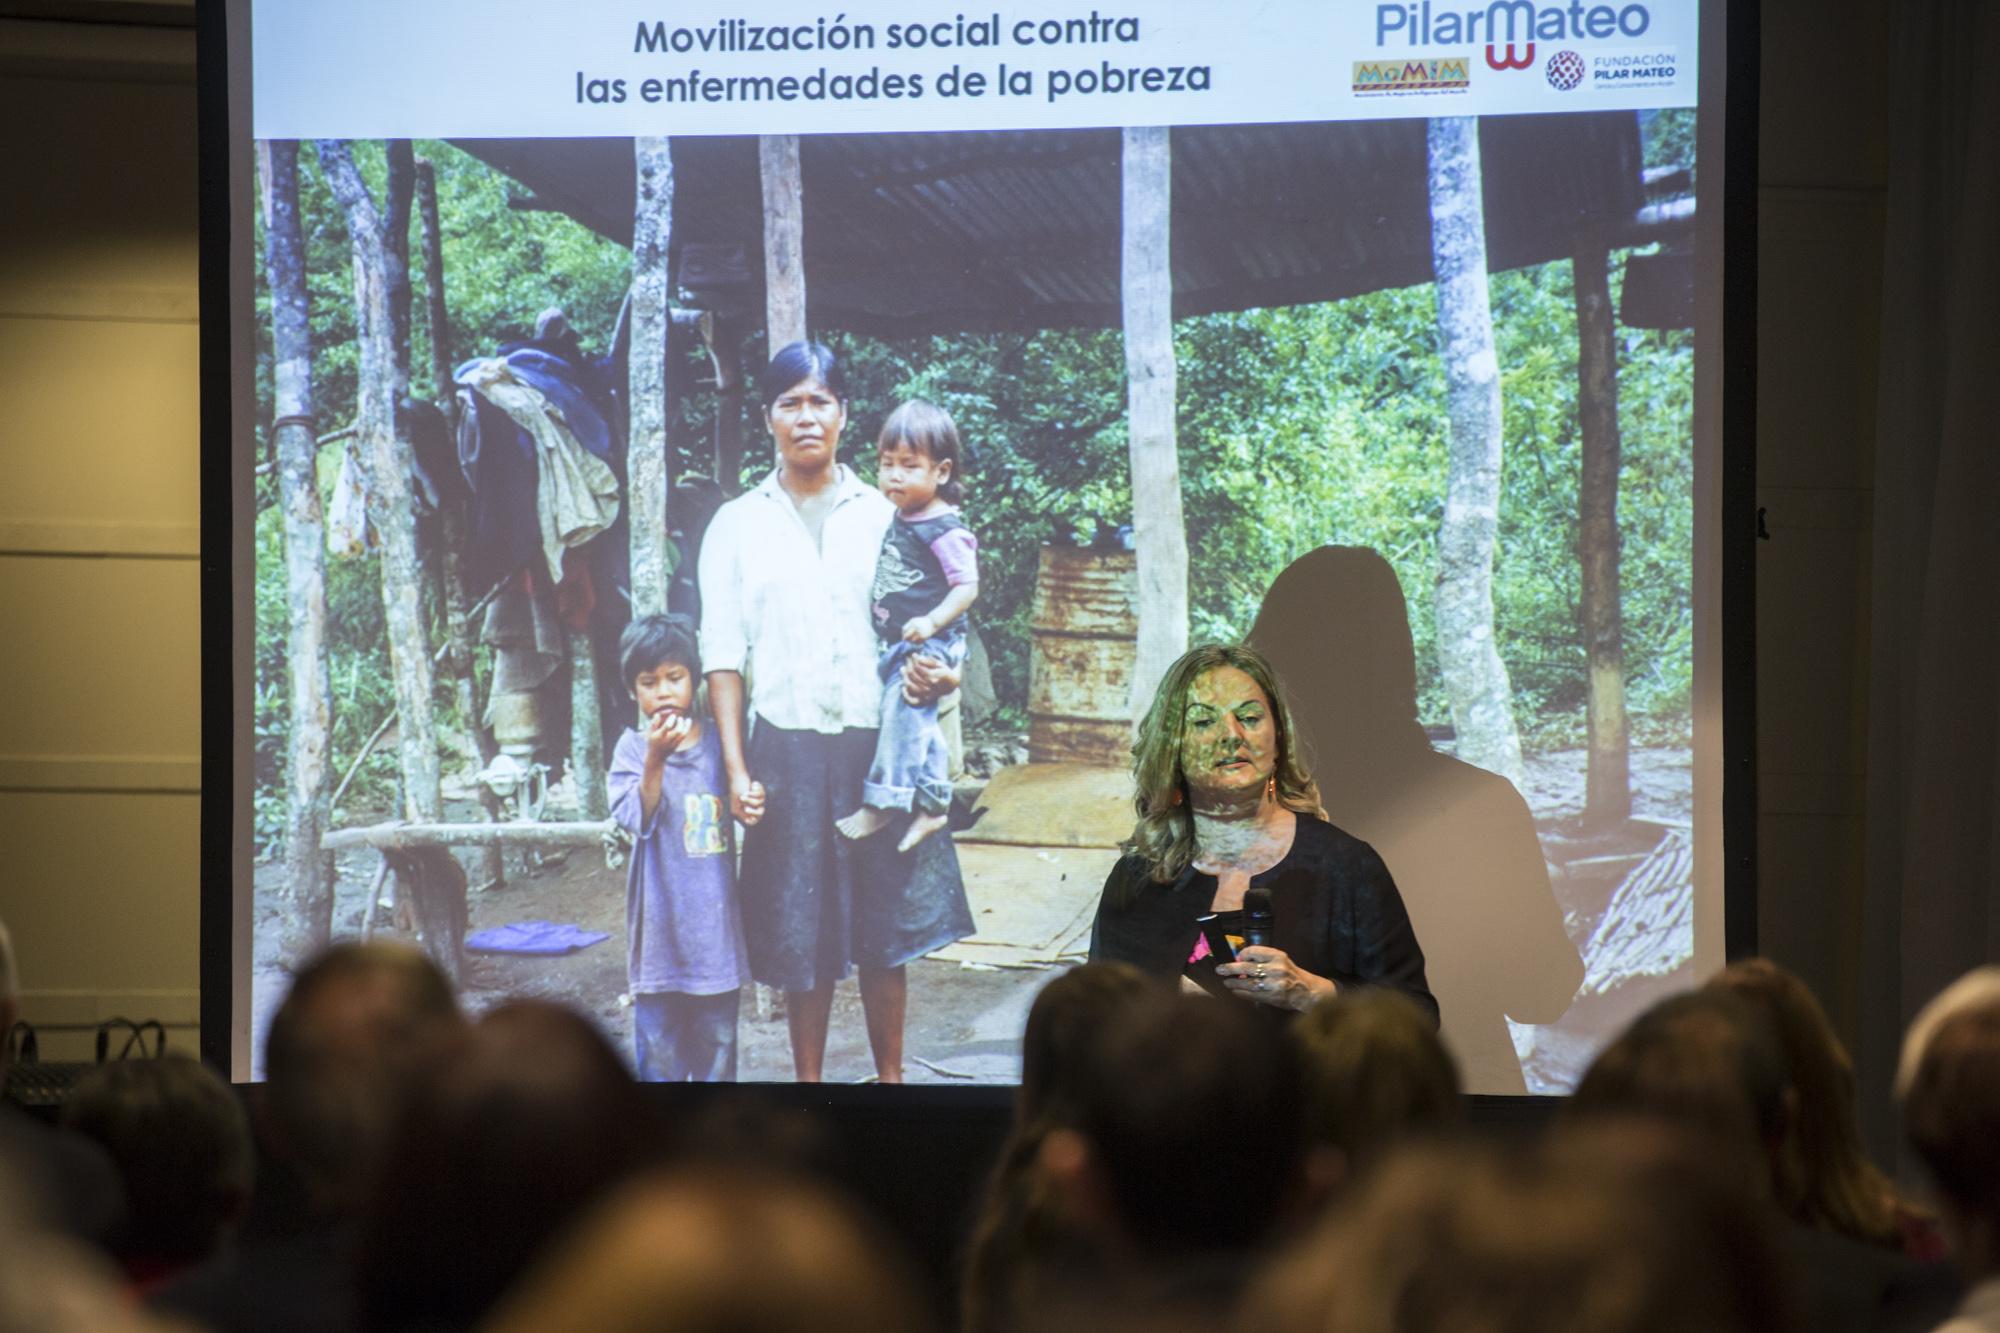 Pilar_Mateo-41